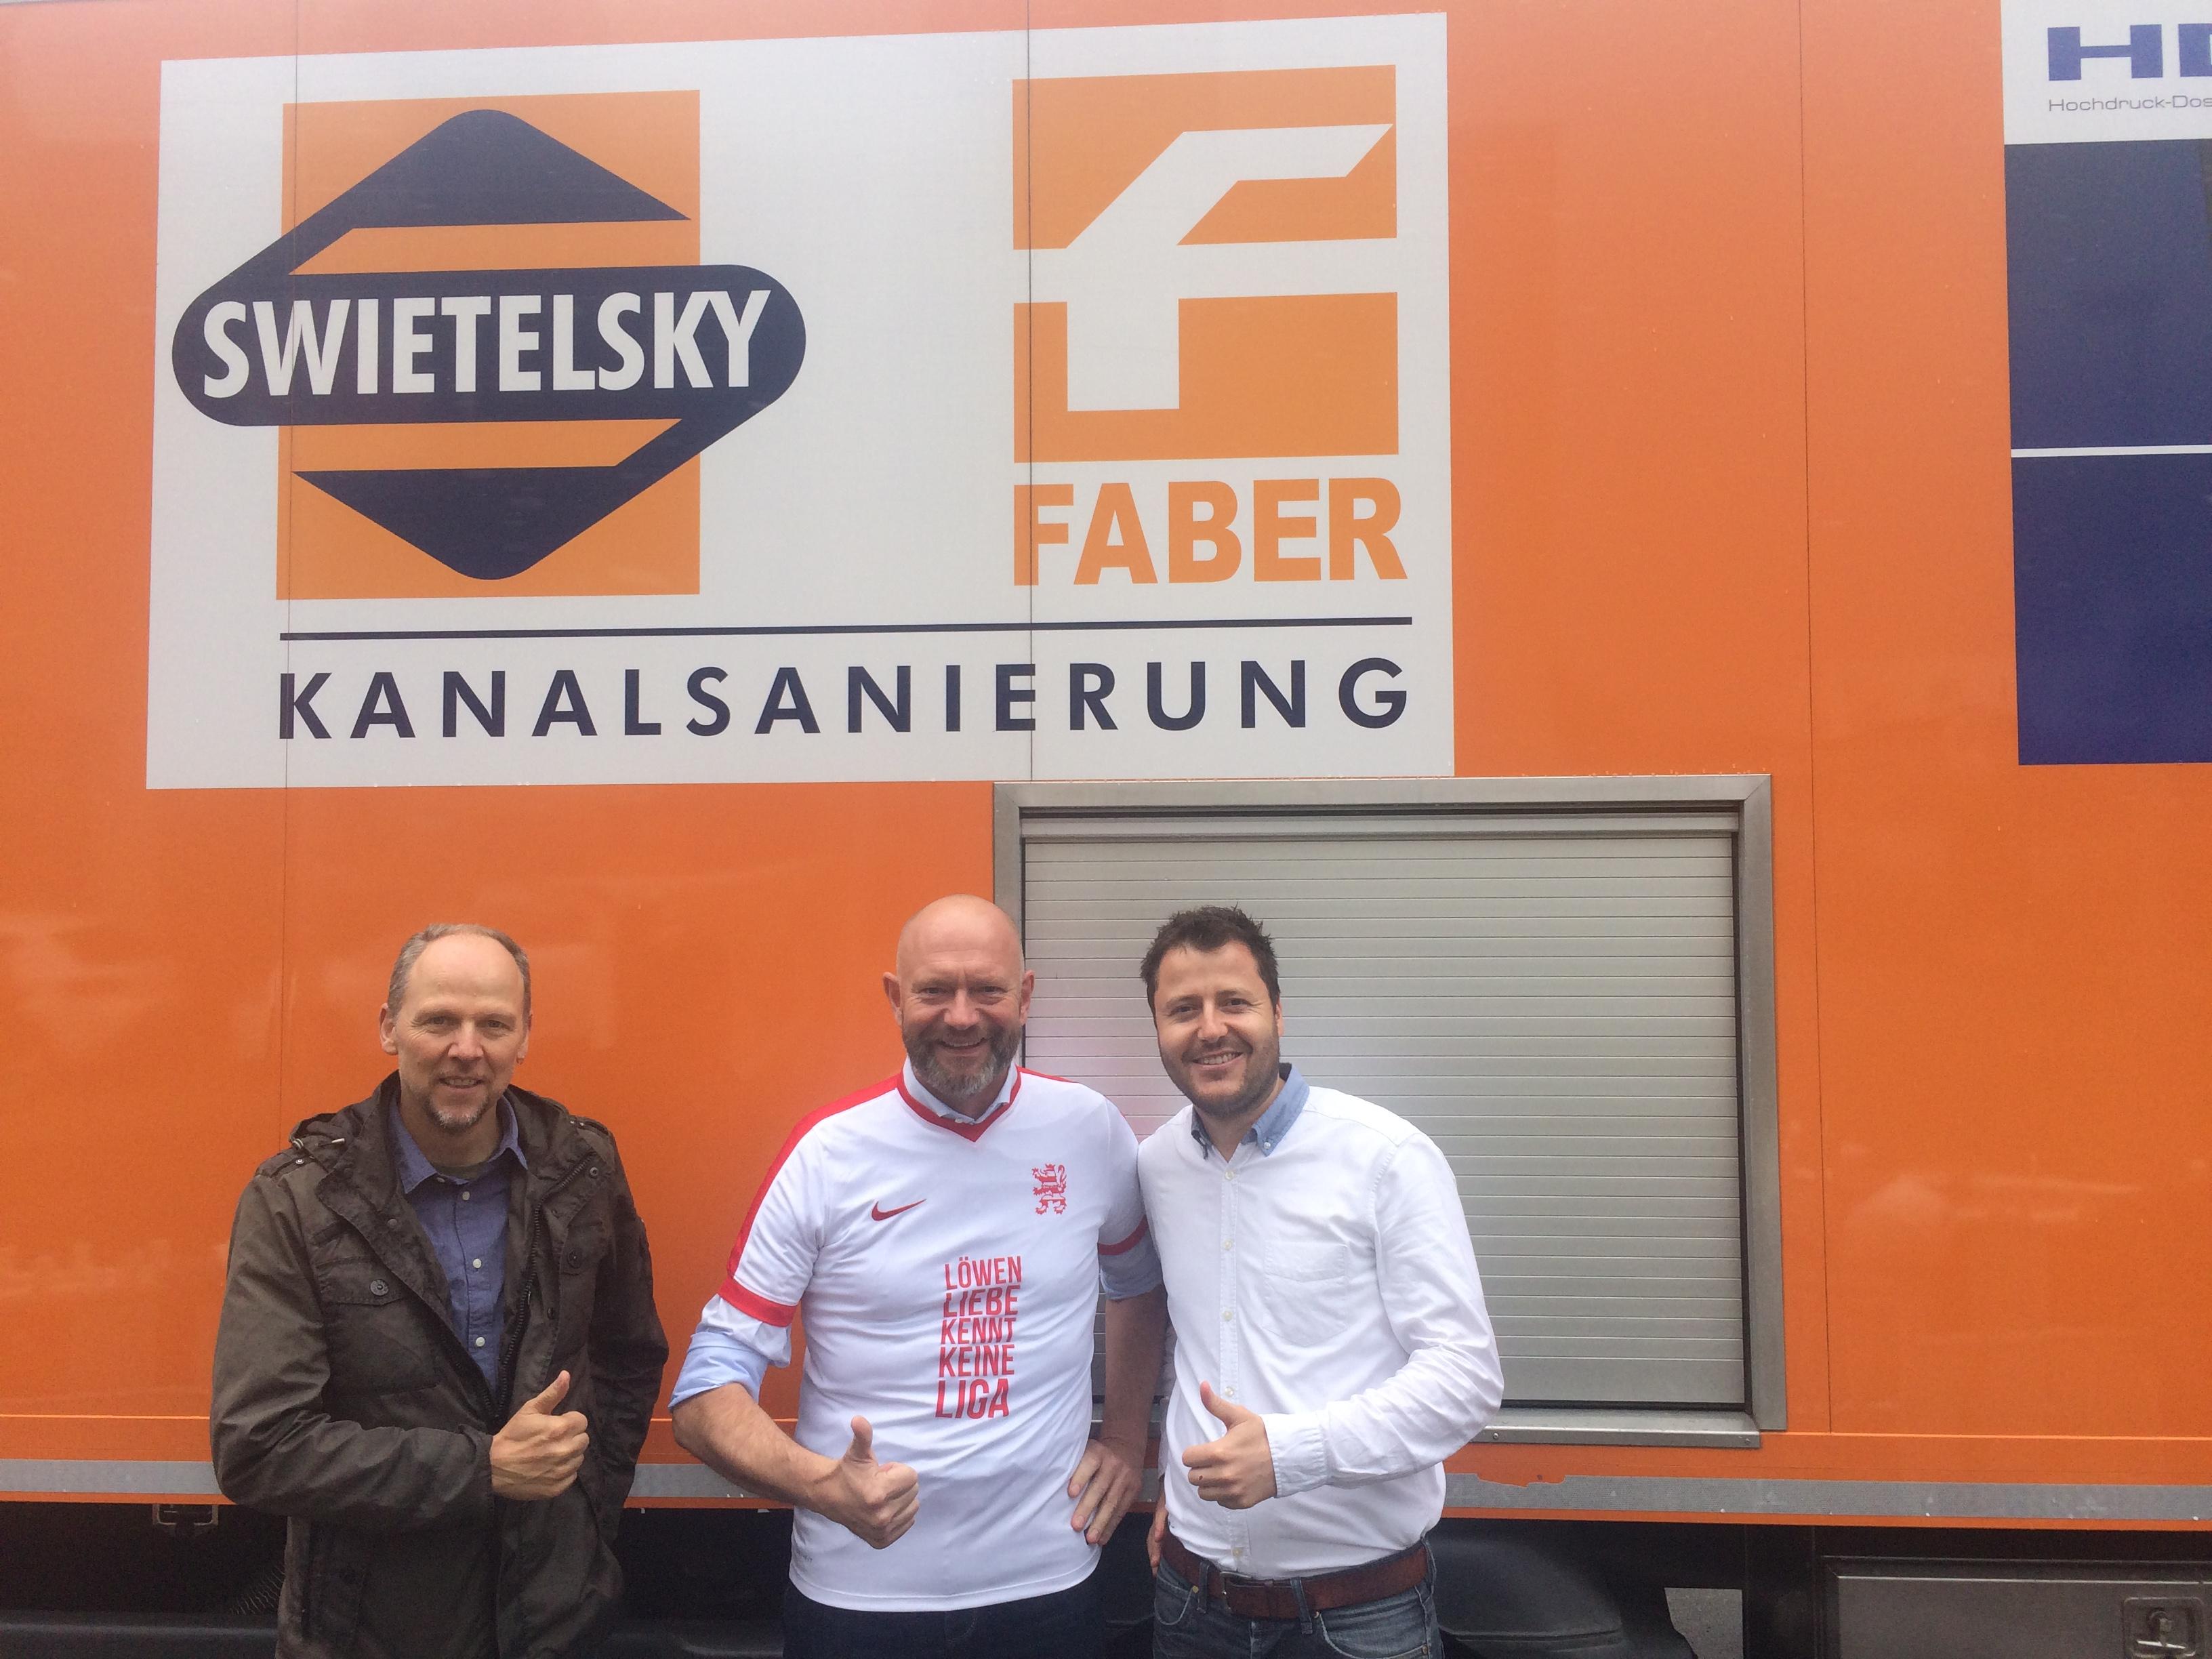 Direkt auf der Baustelle:  Jens Lüdecke, KSV-Aufsichtsrat, Bernd Schäfer (Swietelsky und Faber) und Michael Krannich (KSV-Geschäftsführer)